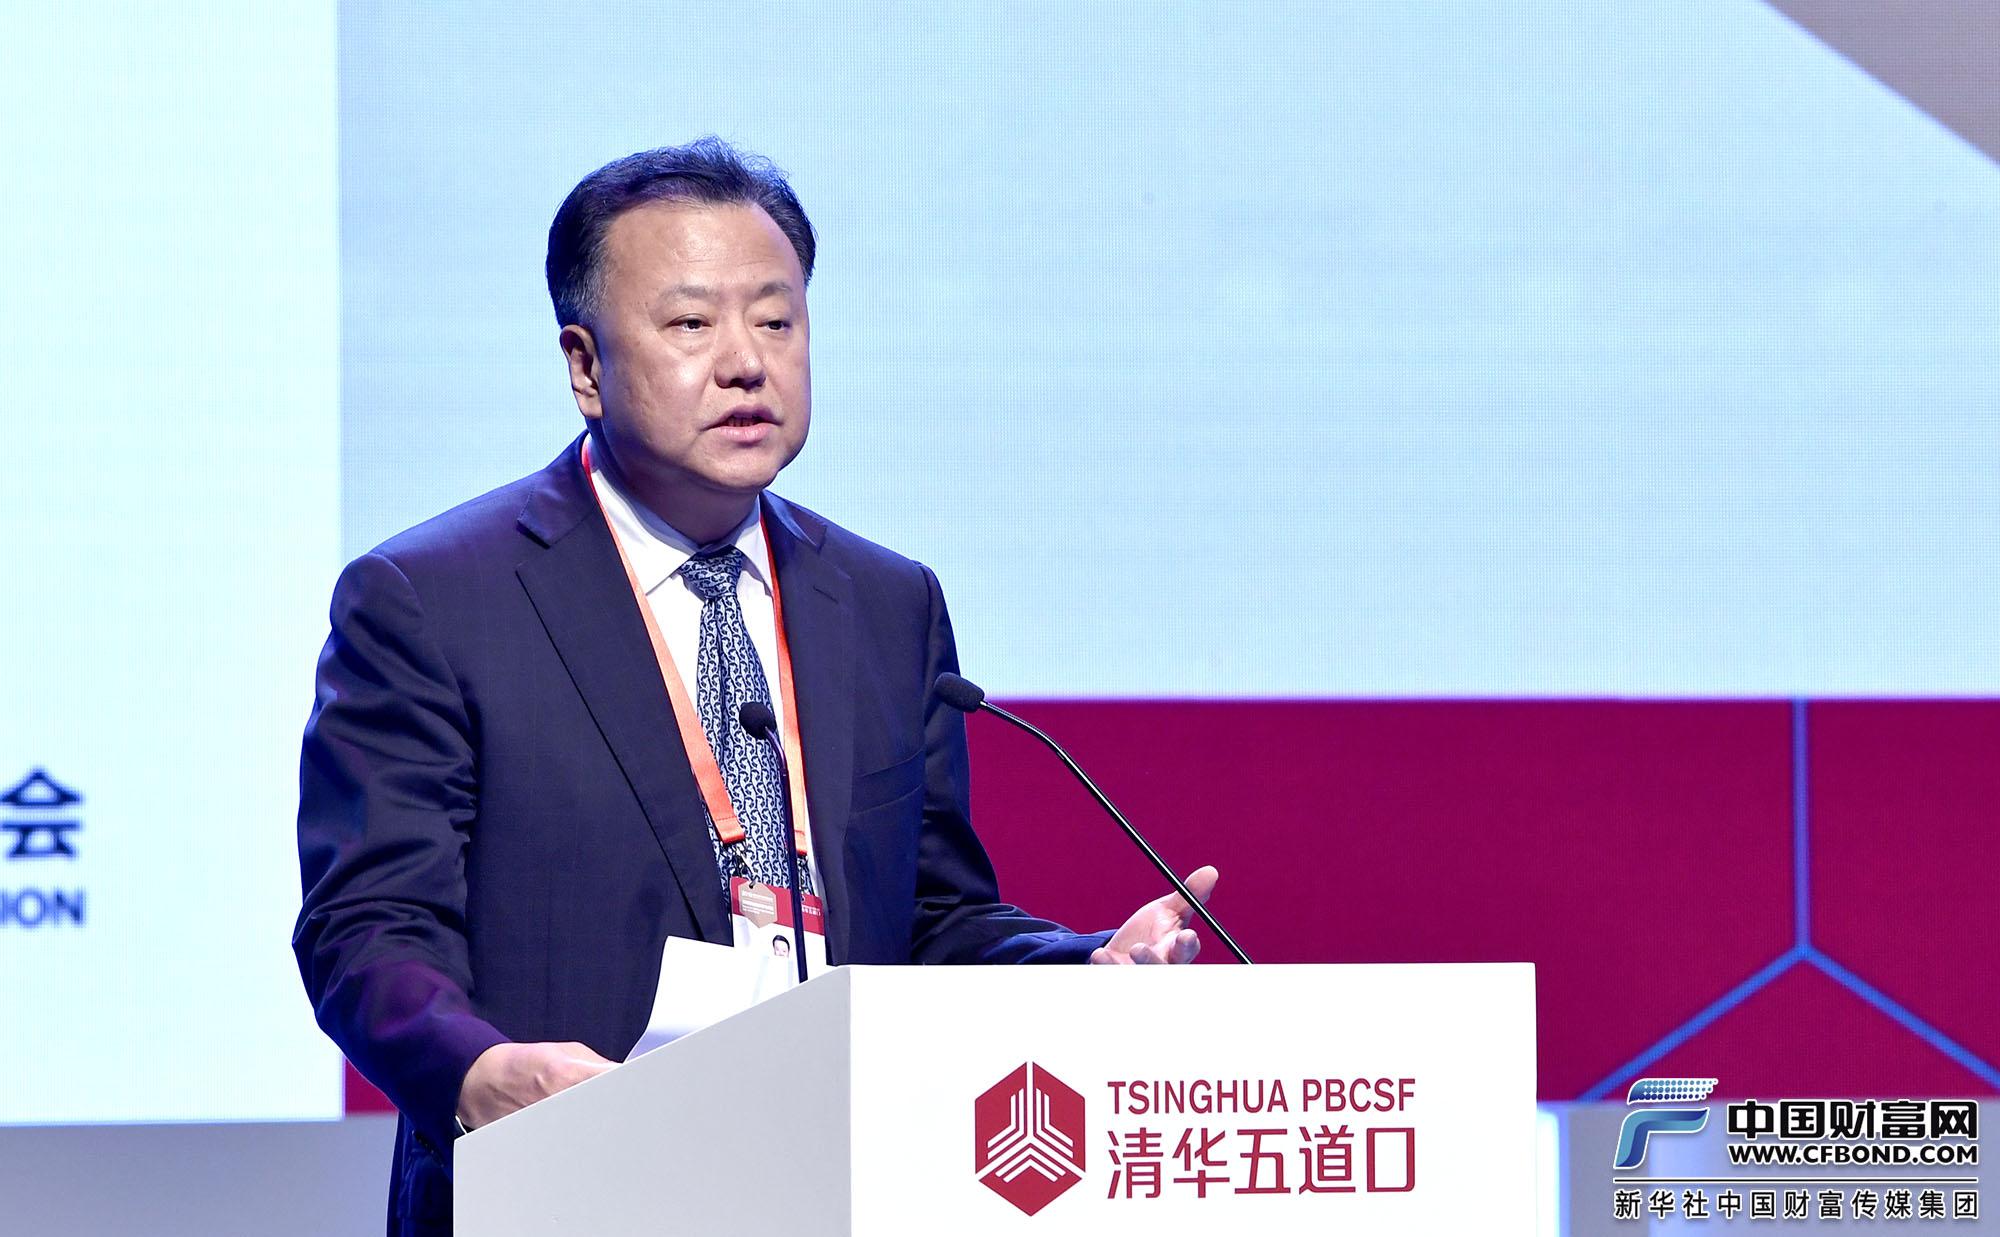 主旨演讲:中国证券监督管理委员会副主席、党委委员阎庆民